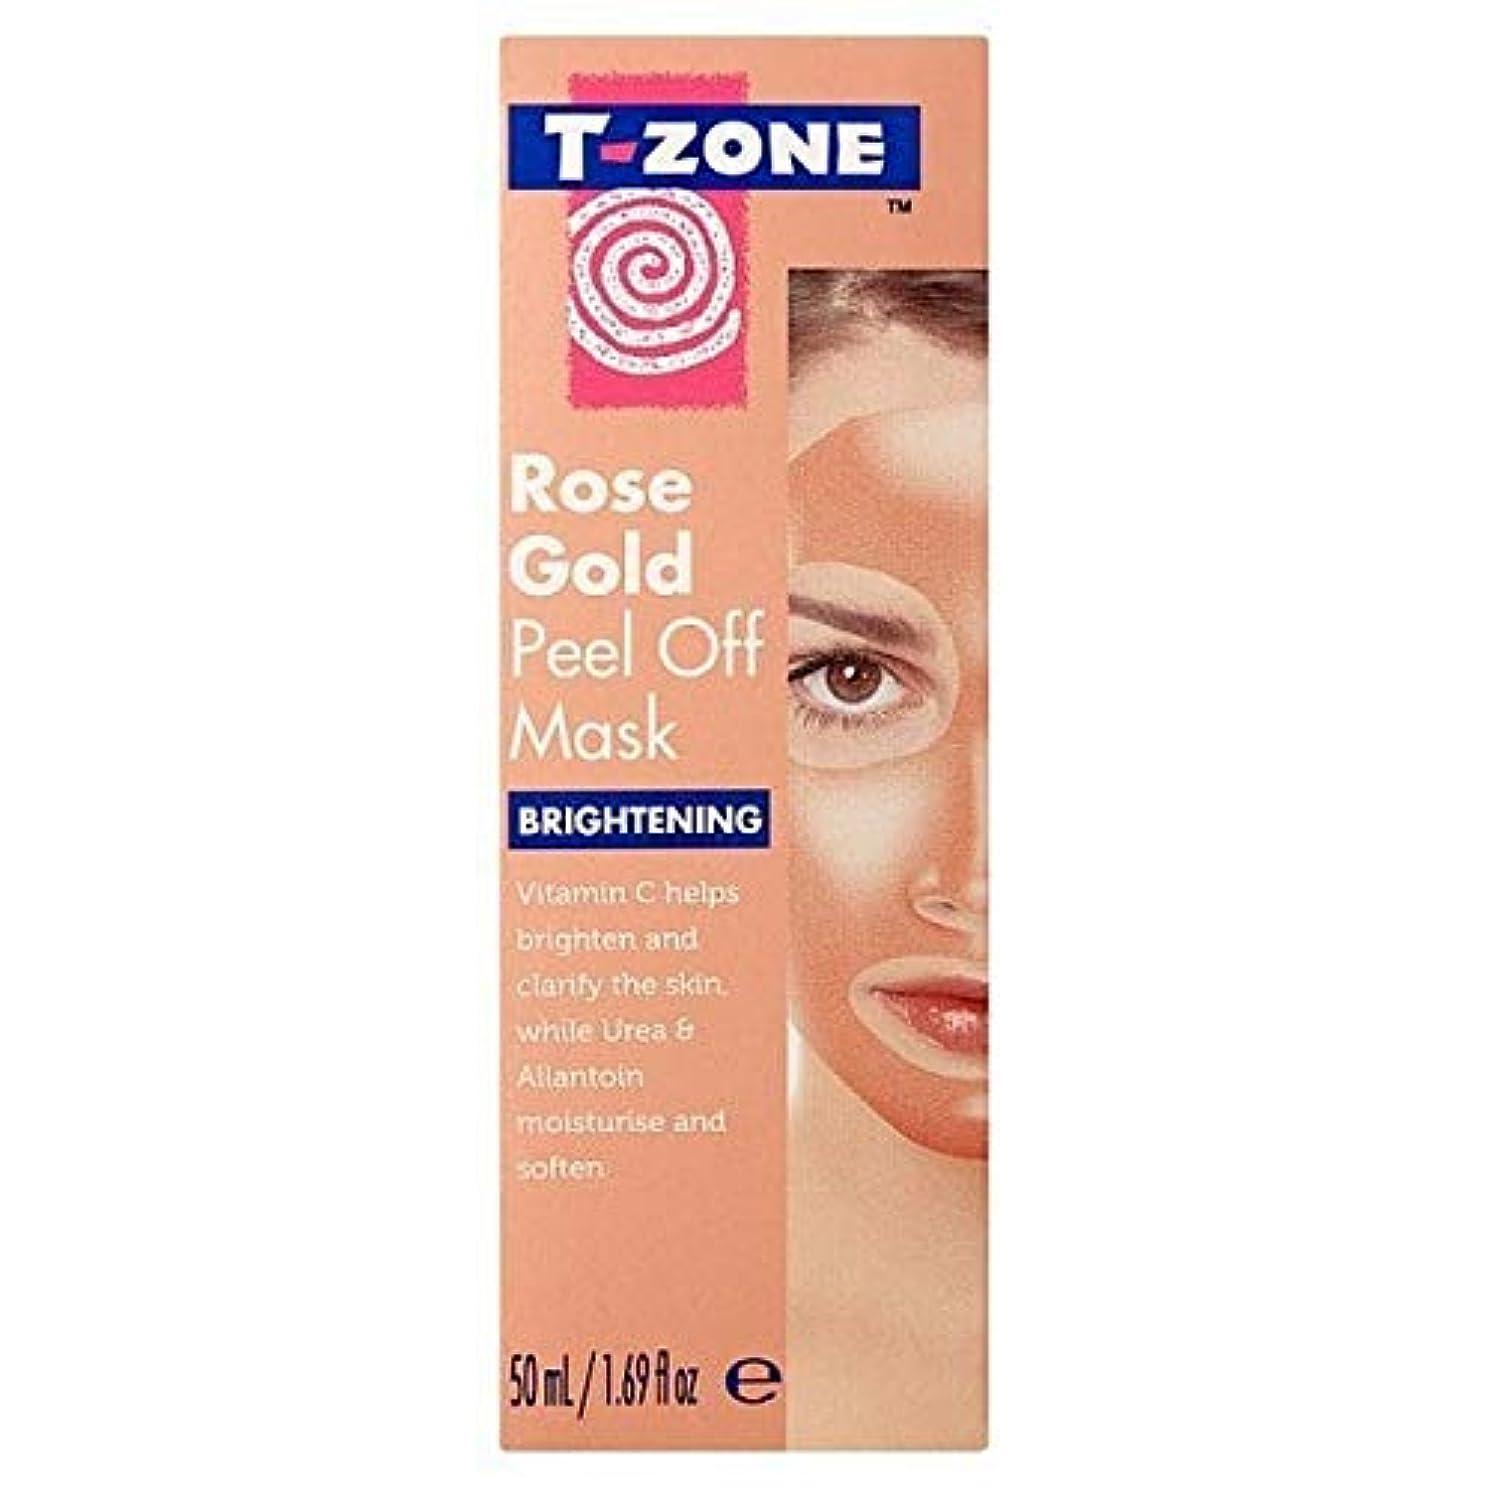 石進化するロゴ[T-Zone] Tゾーンは、金マスク50ミリリットルを明るくはがしバラ - T-Zone Rose Gold Peel Off Brightening Mask 50ml [並行輸入品]